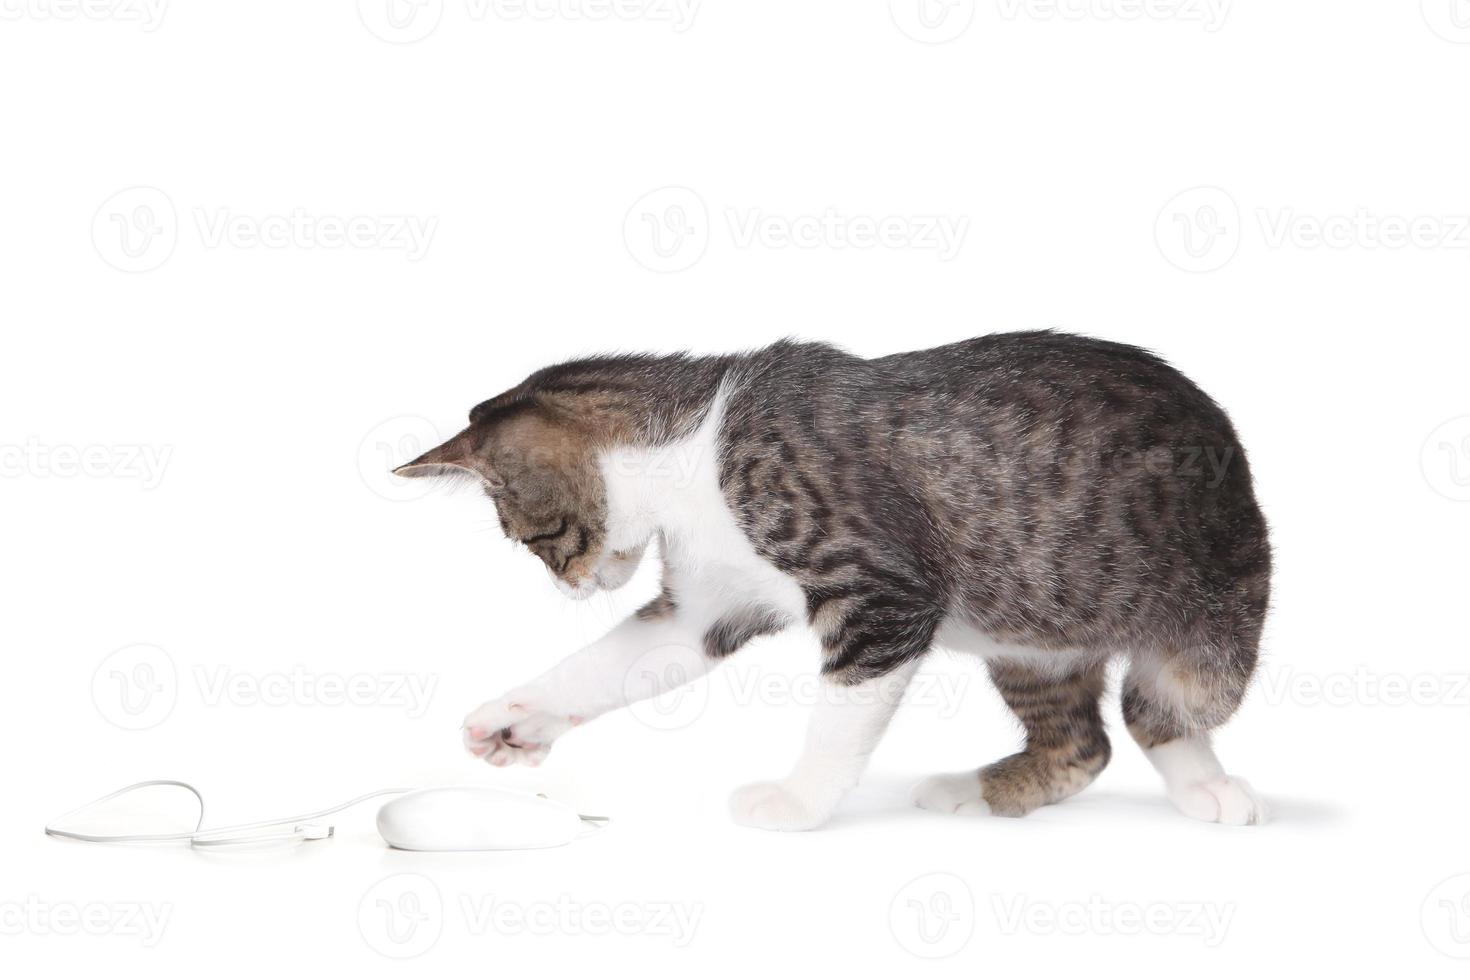 kattunge tassar på en mus foto